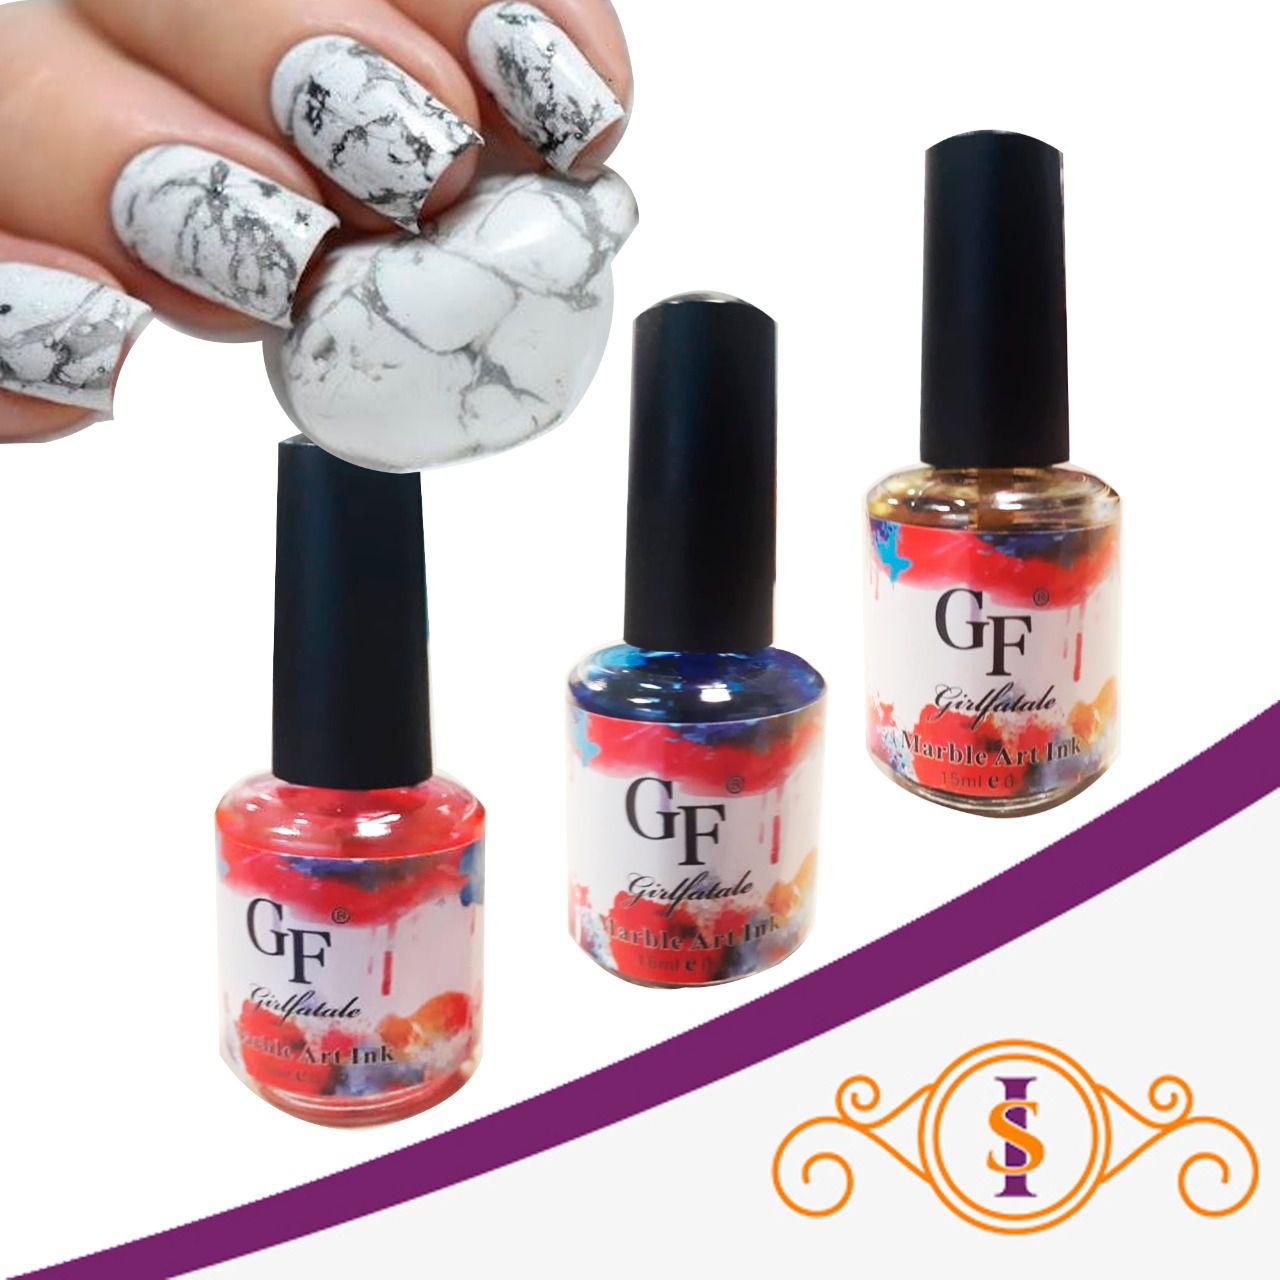 Liquido Efeito Mármore - GirlFatale - GF - 15ml